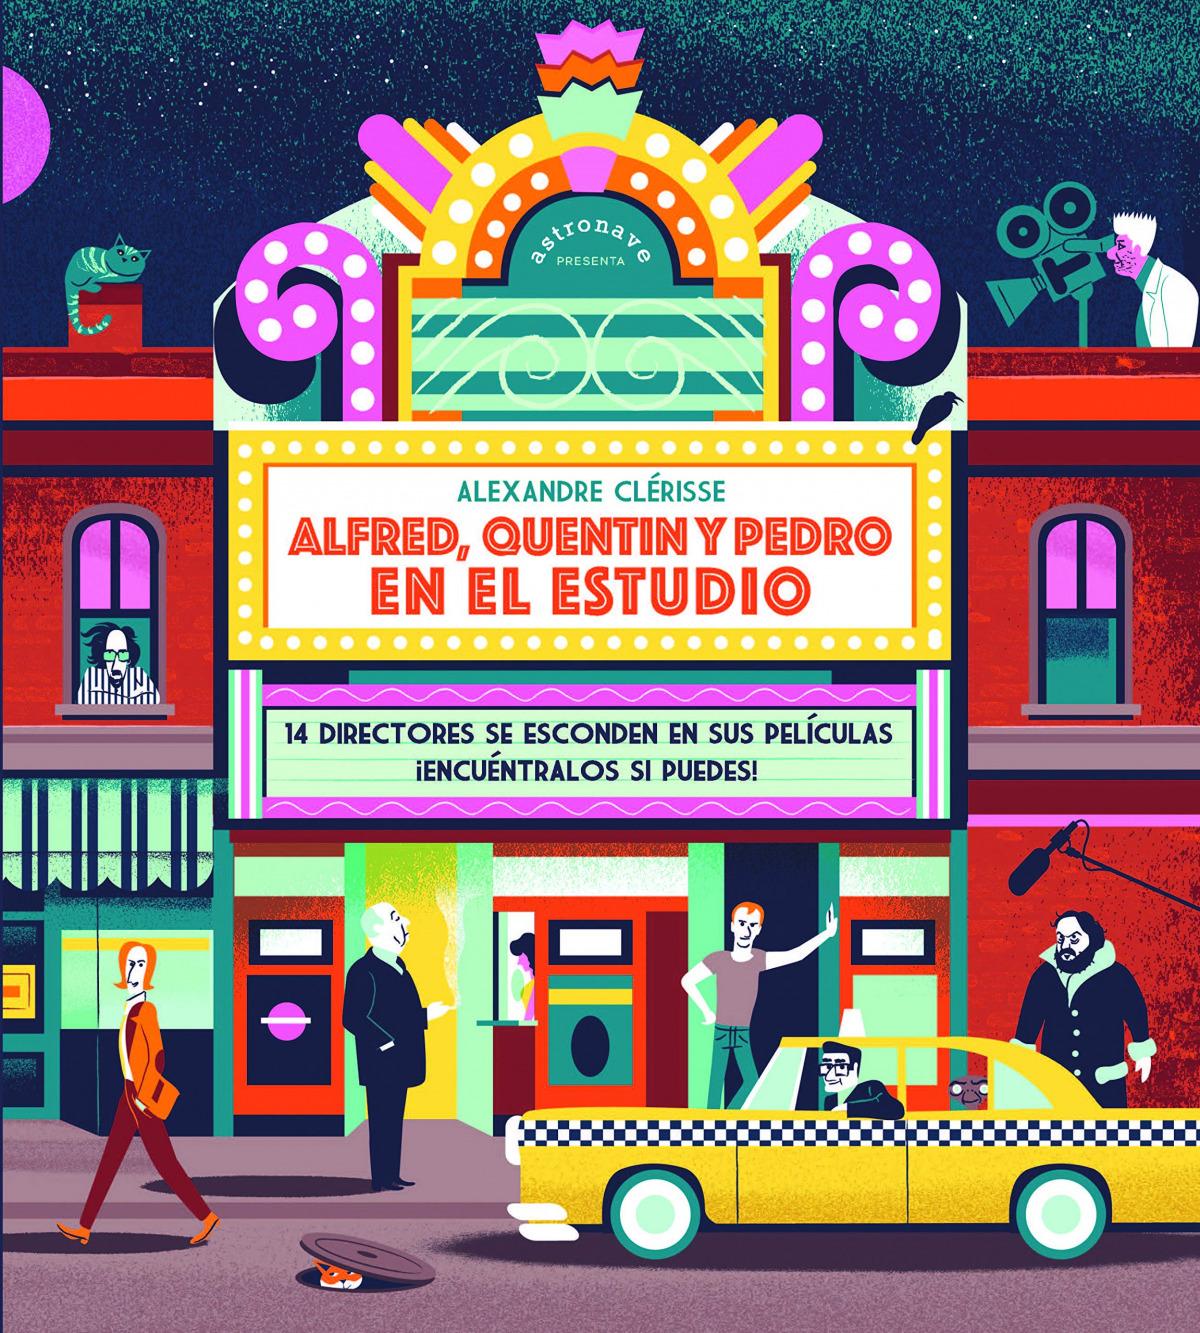 ALFRED, QUENTIN Y PEDRO EN EL ESTUDIO:14 DIRECTORES